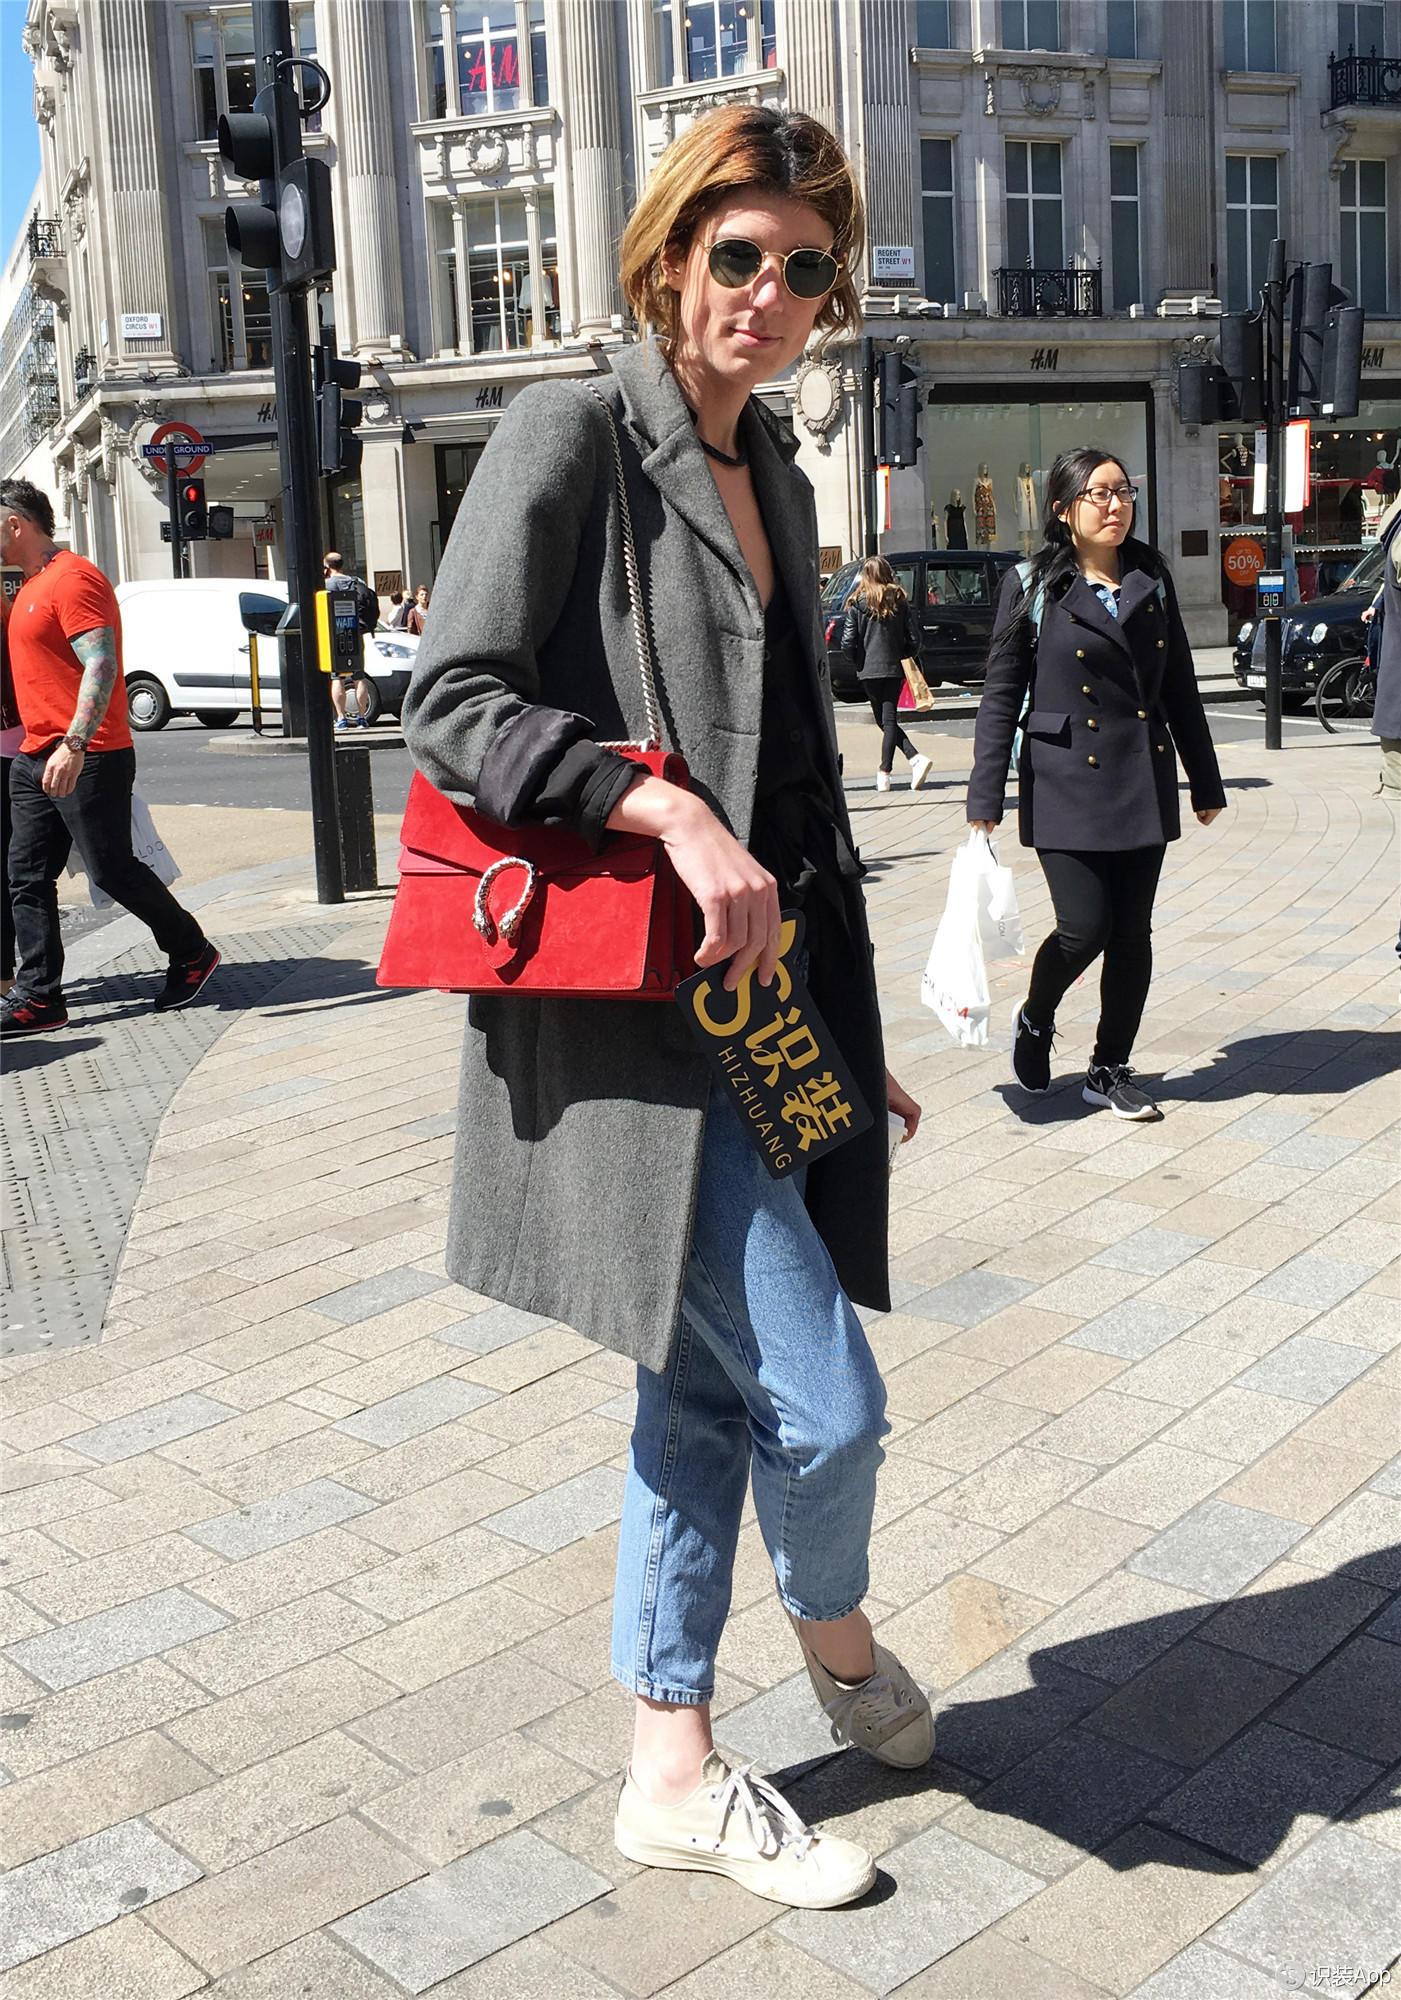 全球GO|英国妹子换季穿什么?我们去伦敦街头看了下